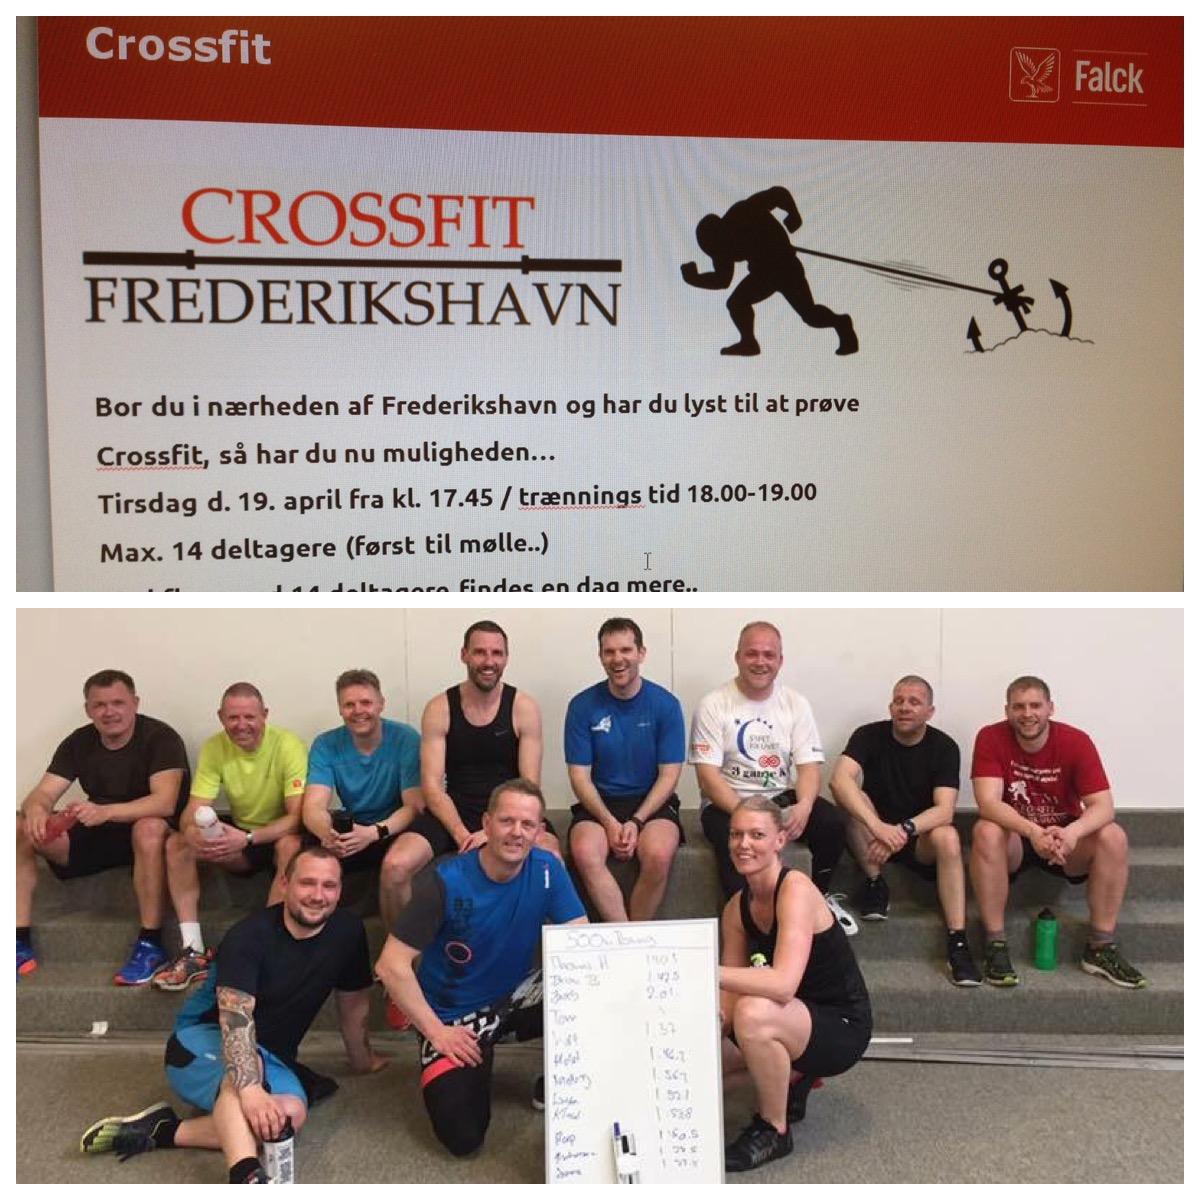 CrossFit Frederikshavn Falck